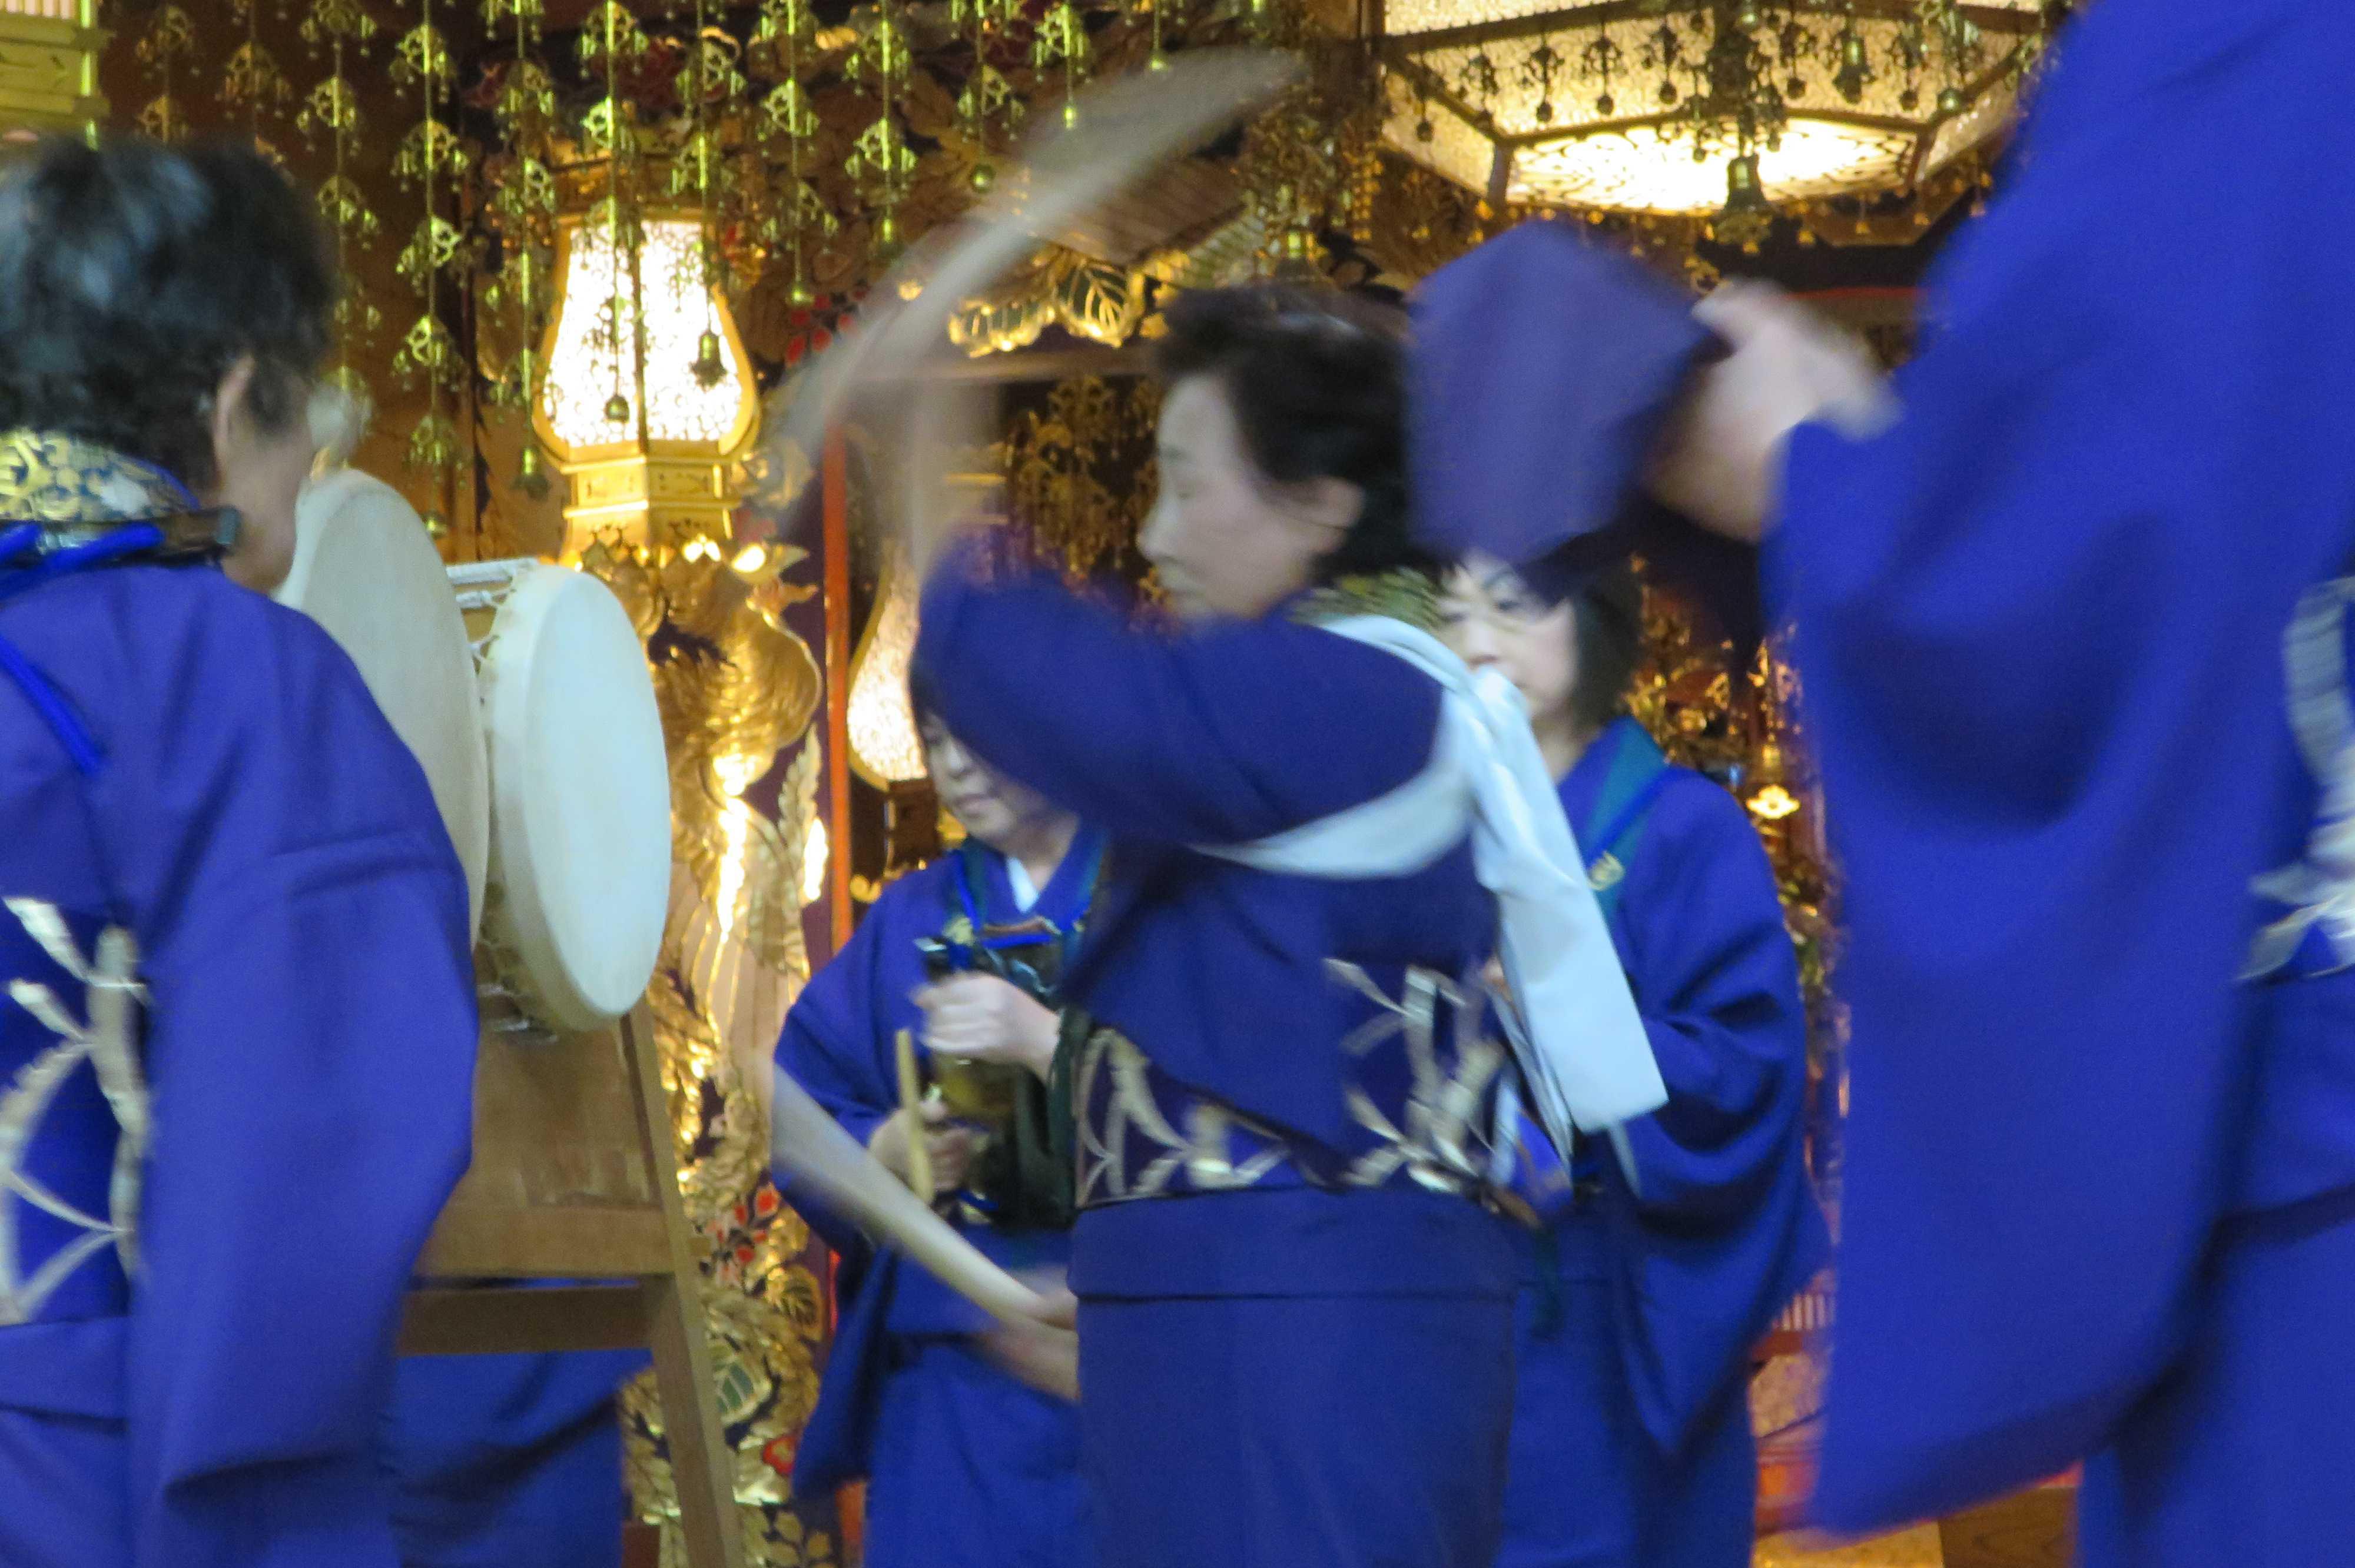 無量光寺の踊り念仏 - 和太鼓と太鼓方(太鼓を叩く人)